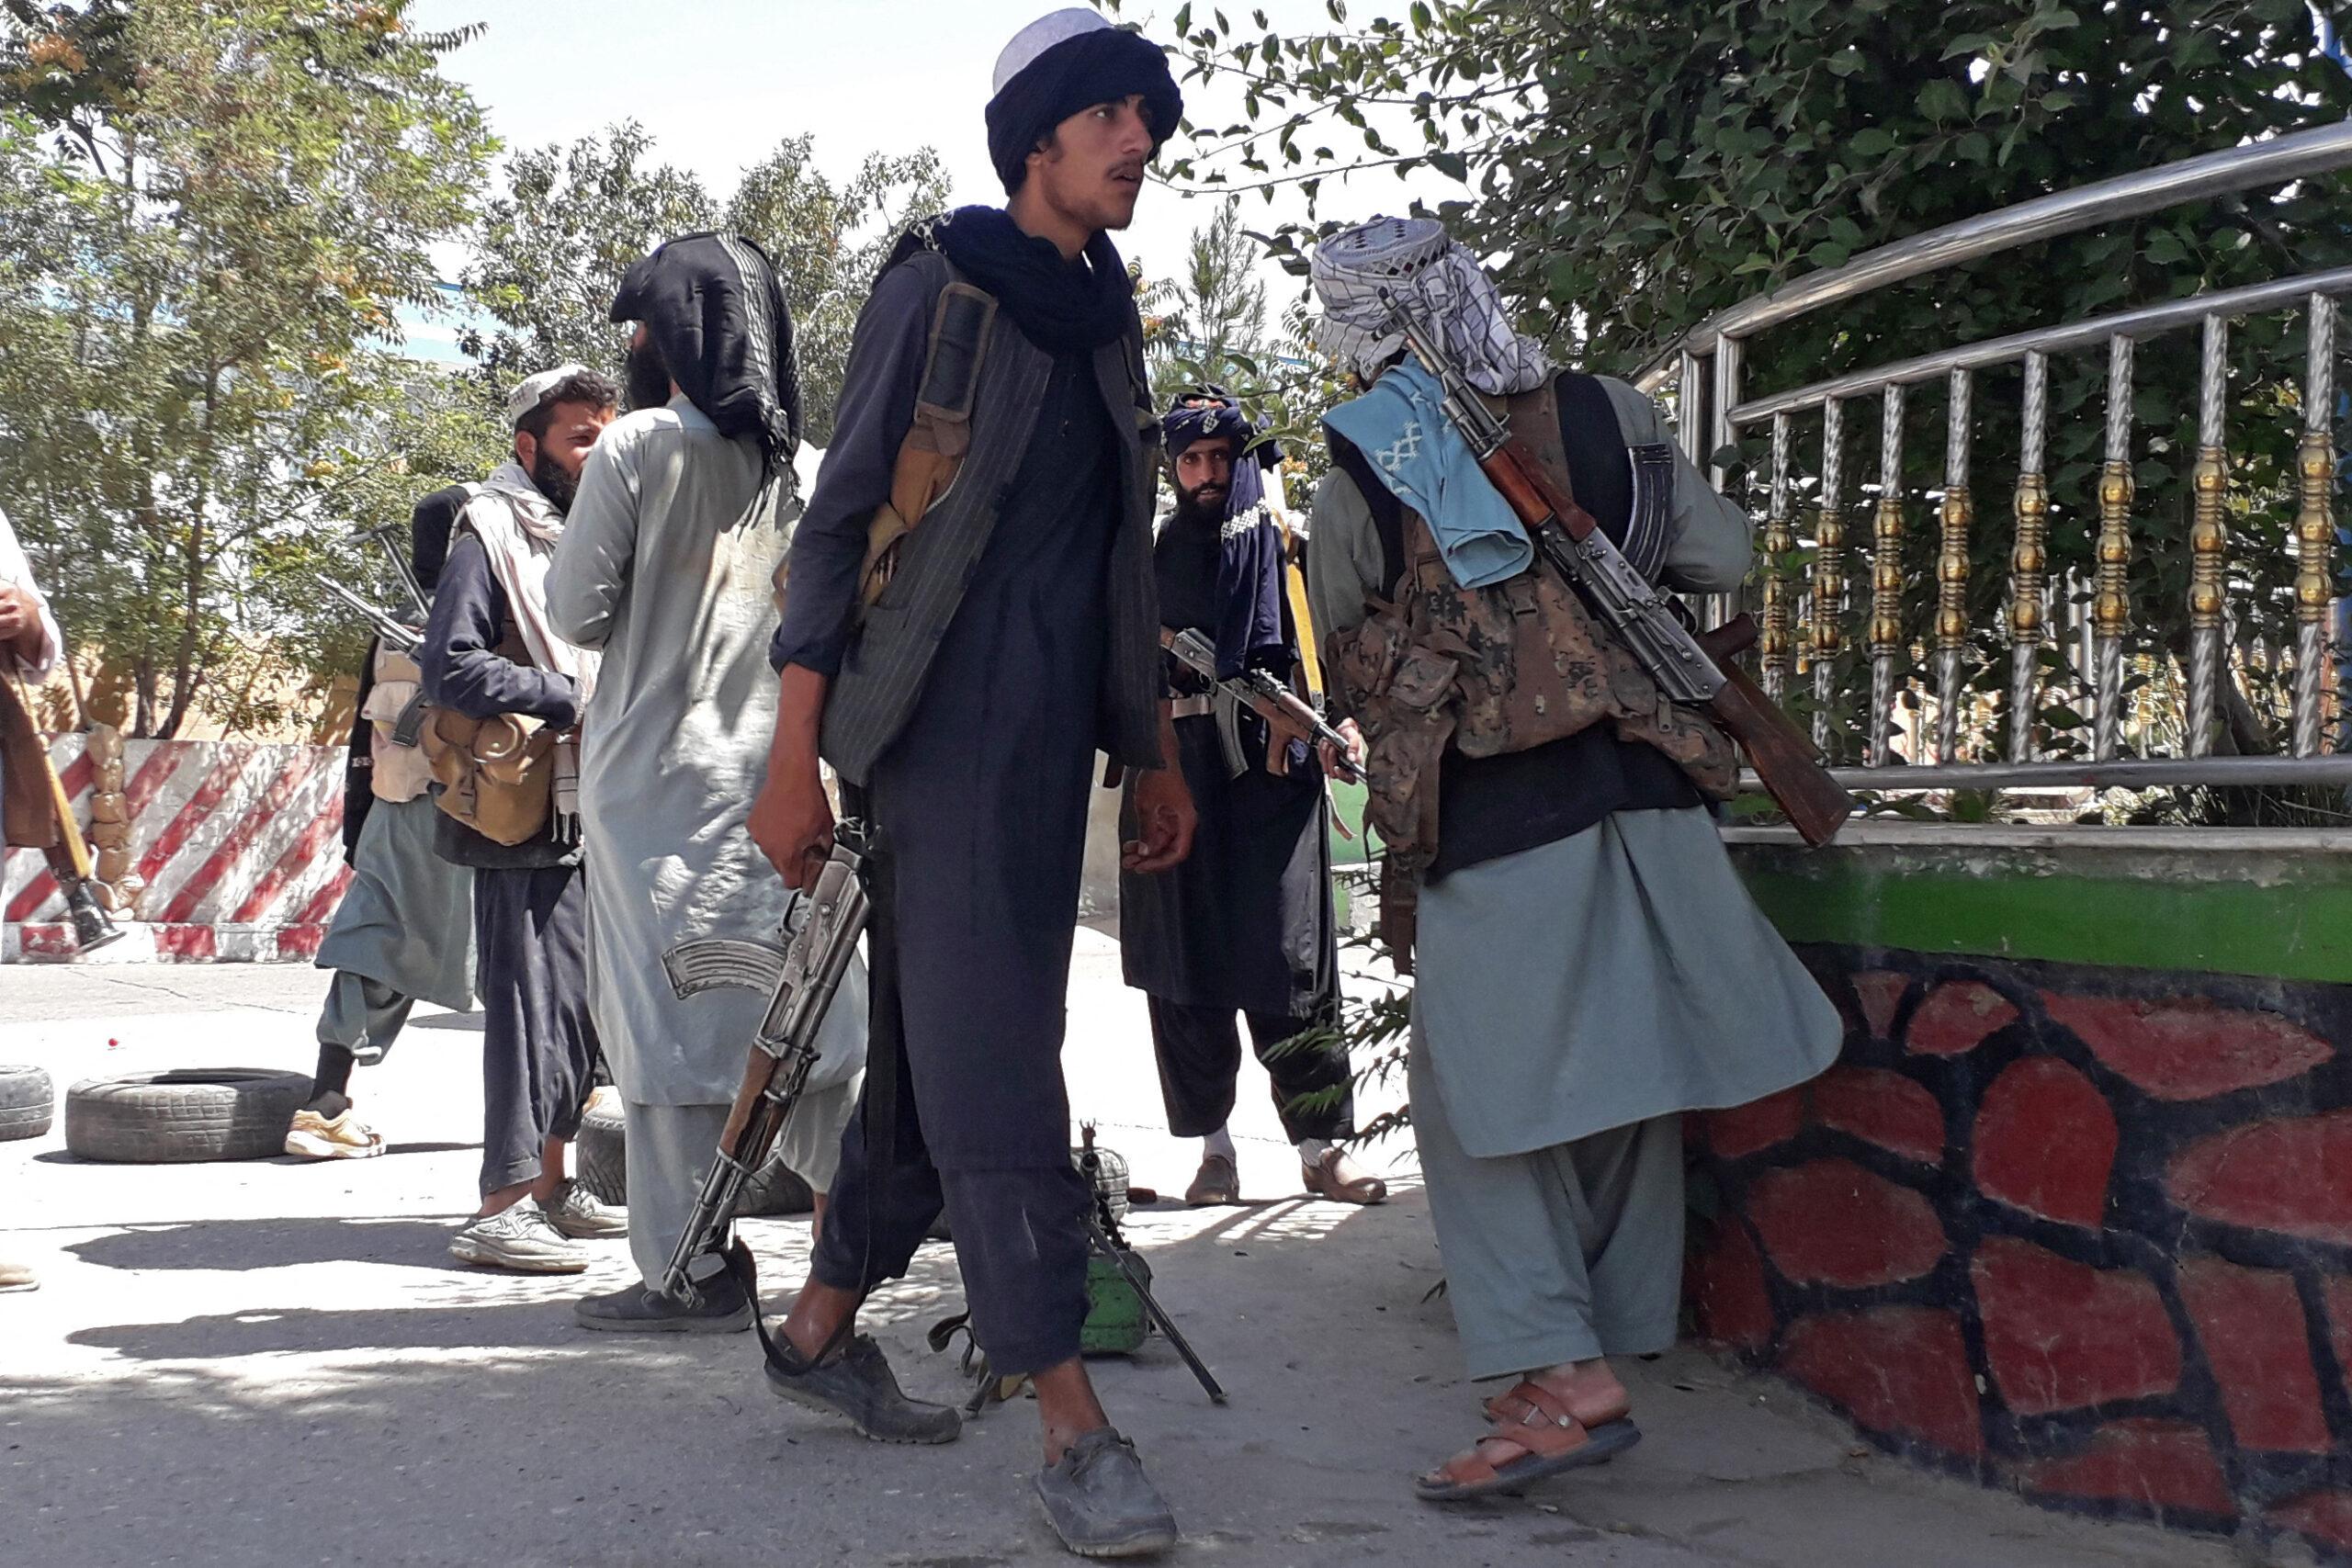 Afghanistan: Taliban responsible for brutal massacre of Hazara men – new investigation